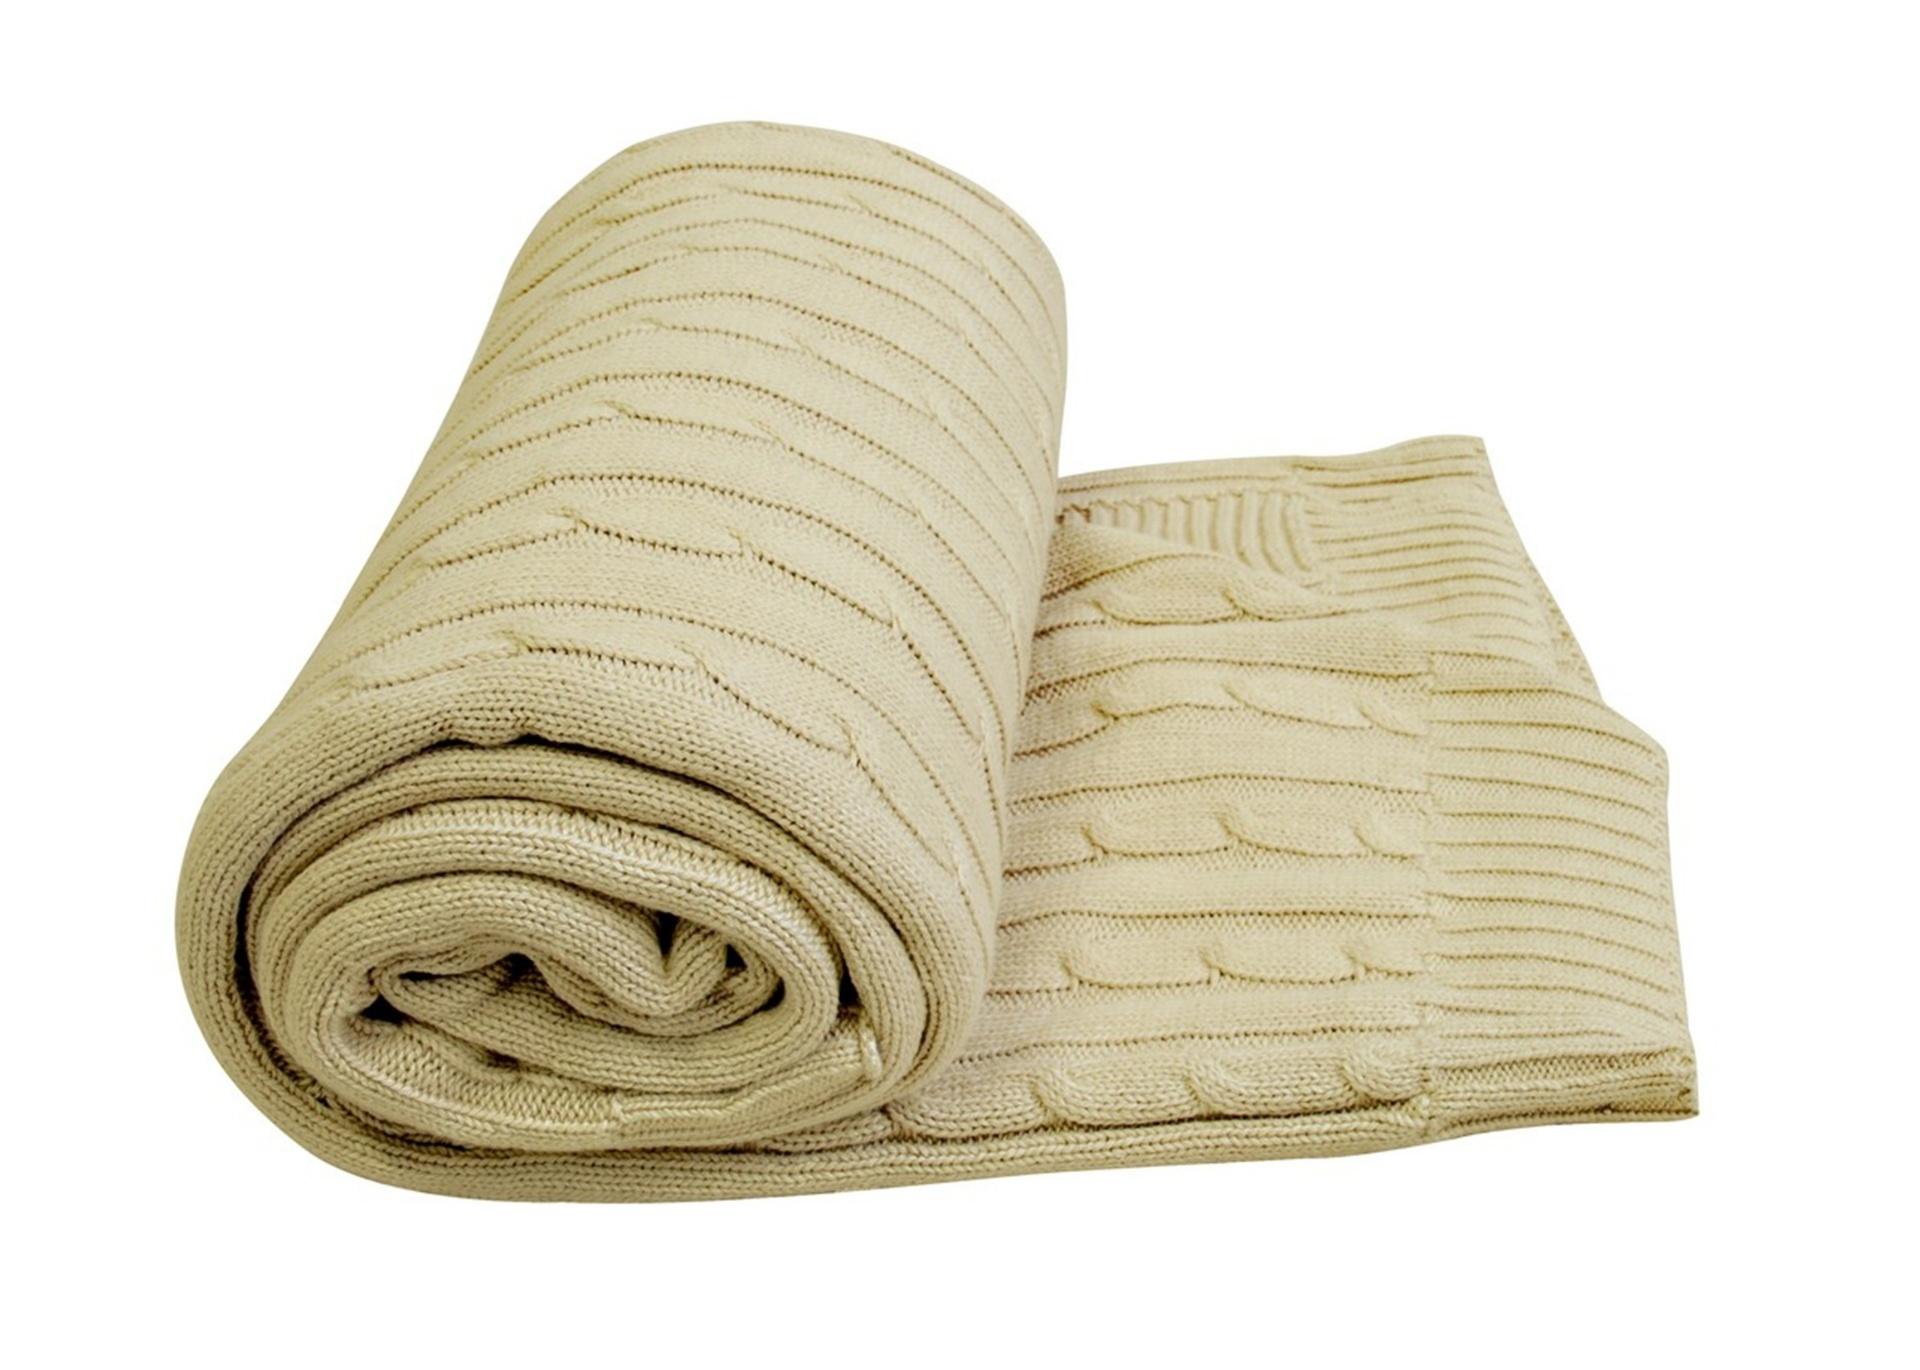 A manta de algodão mede 130 cm por 170 cm e pode ser comprada na By Kamy (www.bykamy.com) I Outras informações podem ser obtidas com o fornecedor